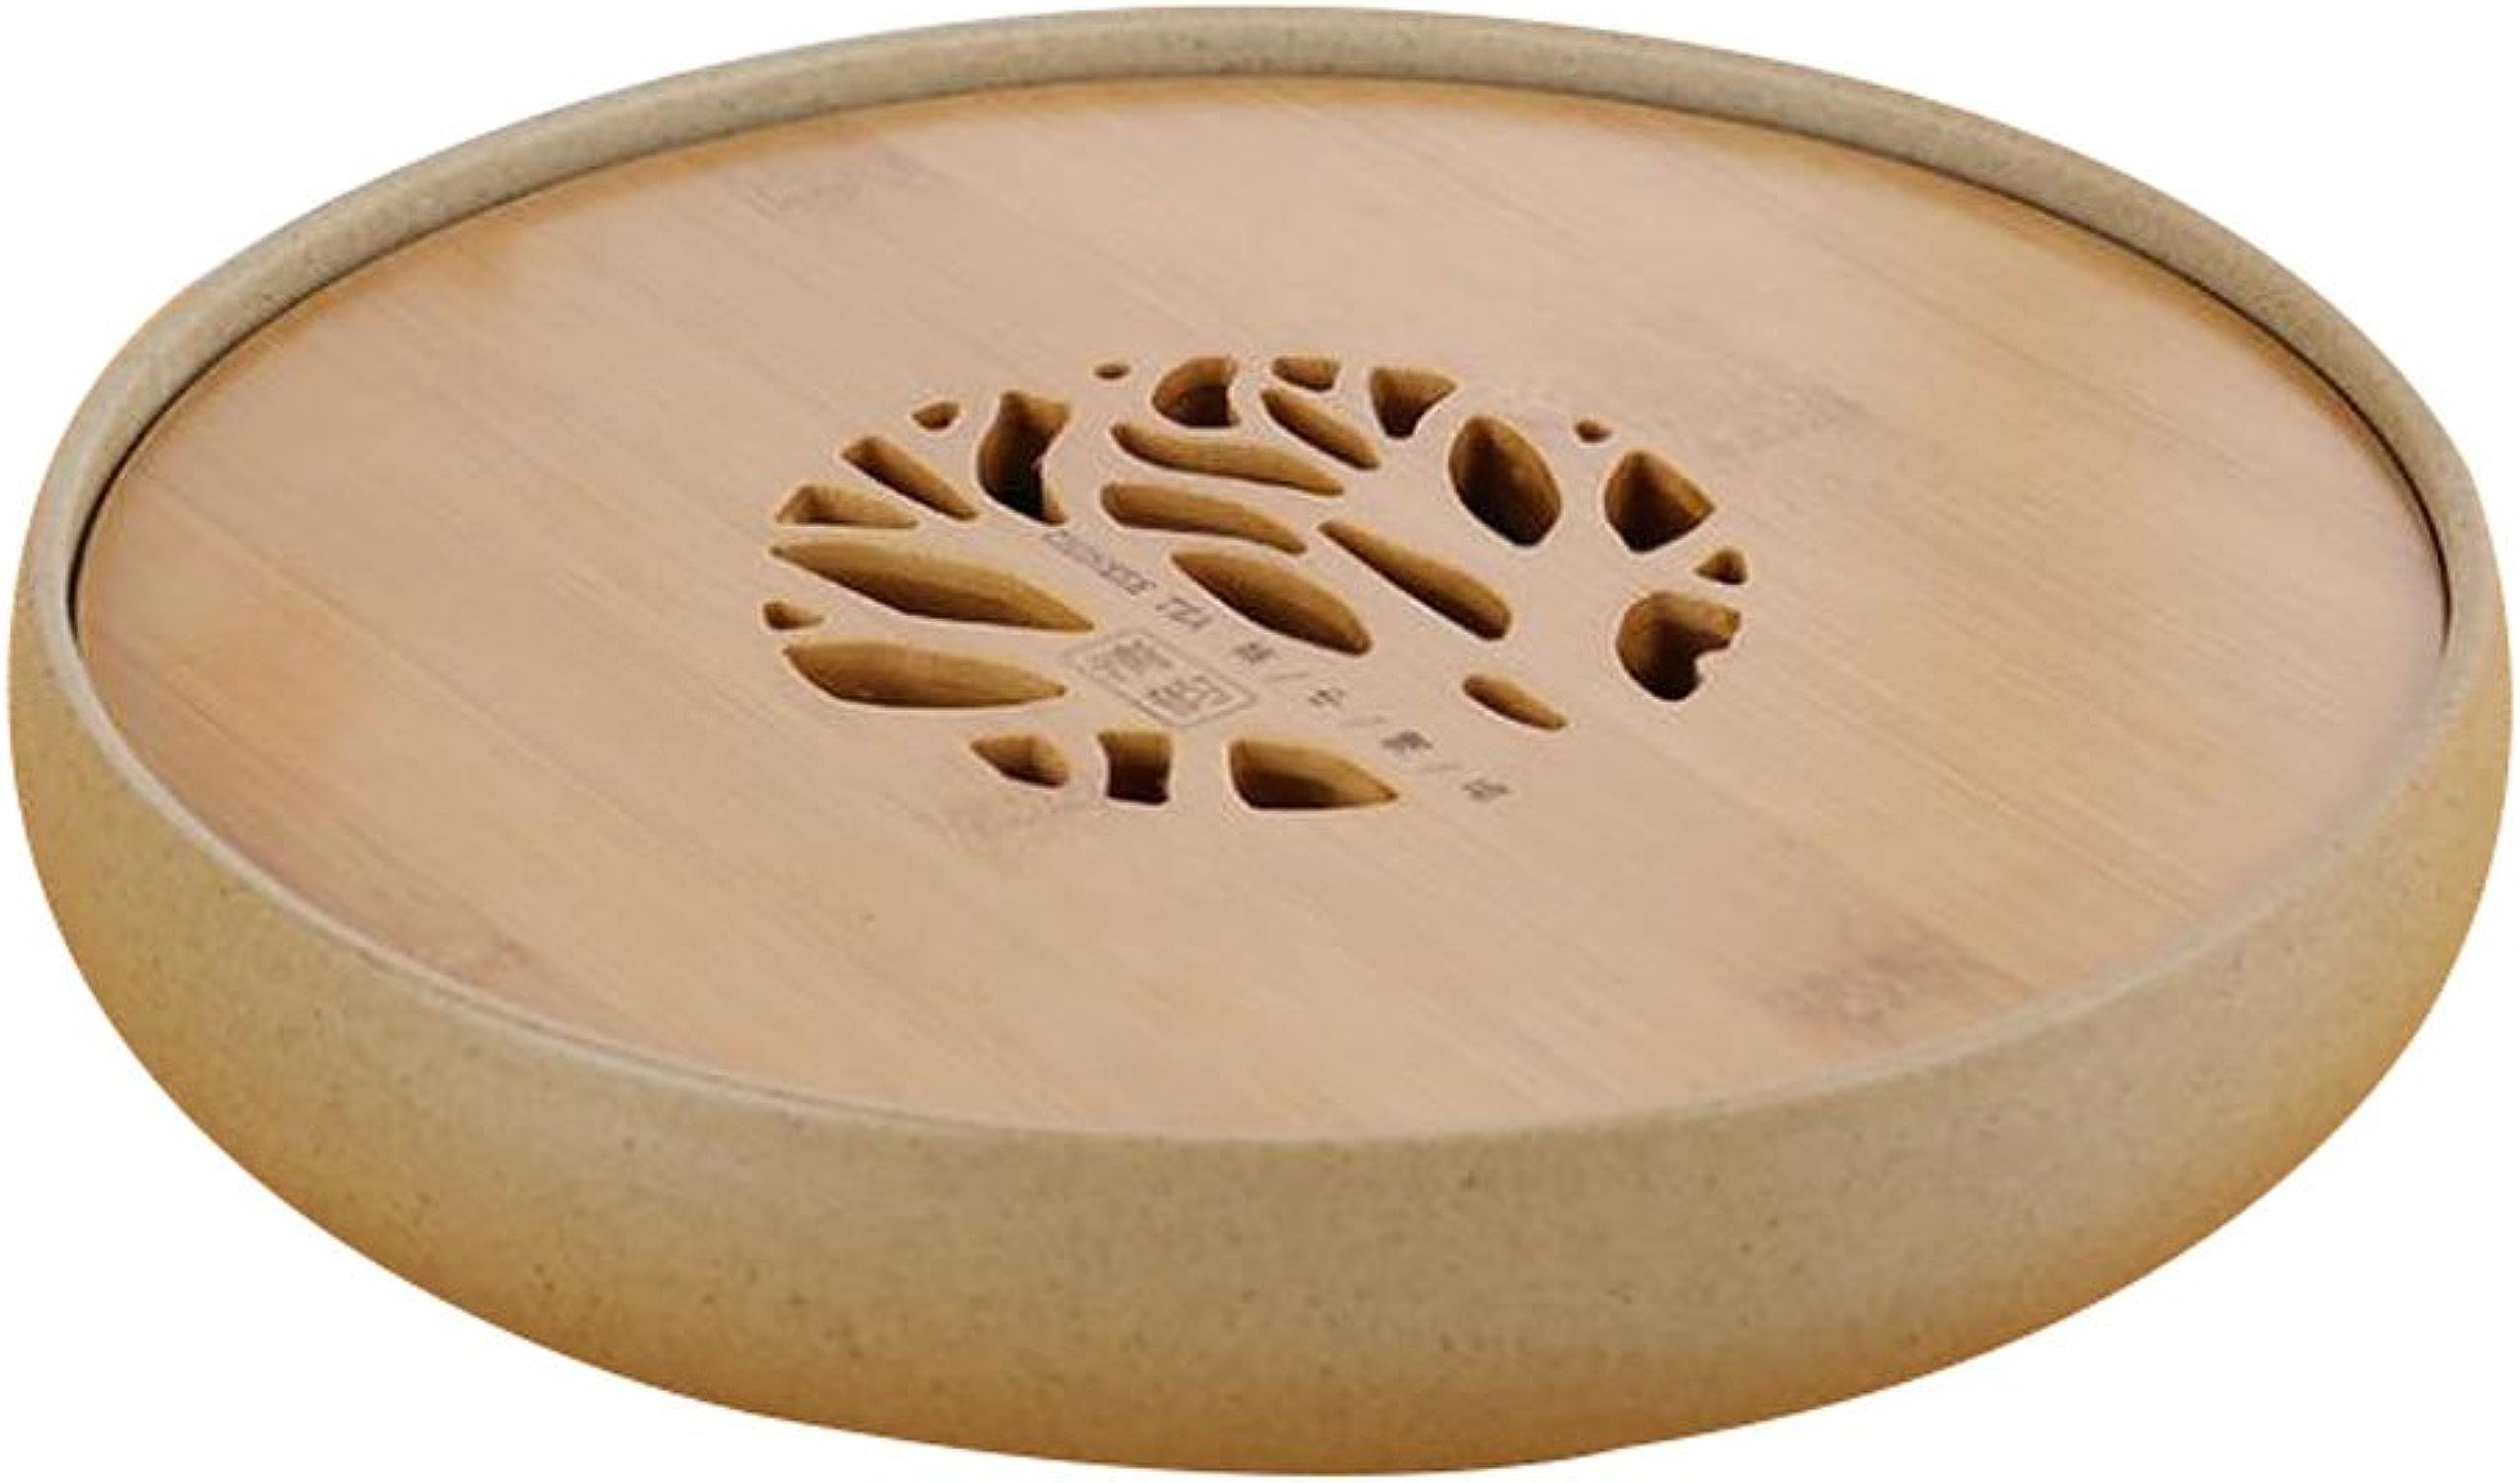 noir Temptation Bac à Servir en céramique pour Table de thé au Style Gongfu